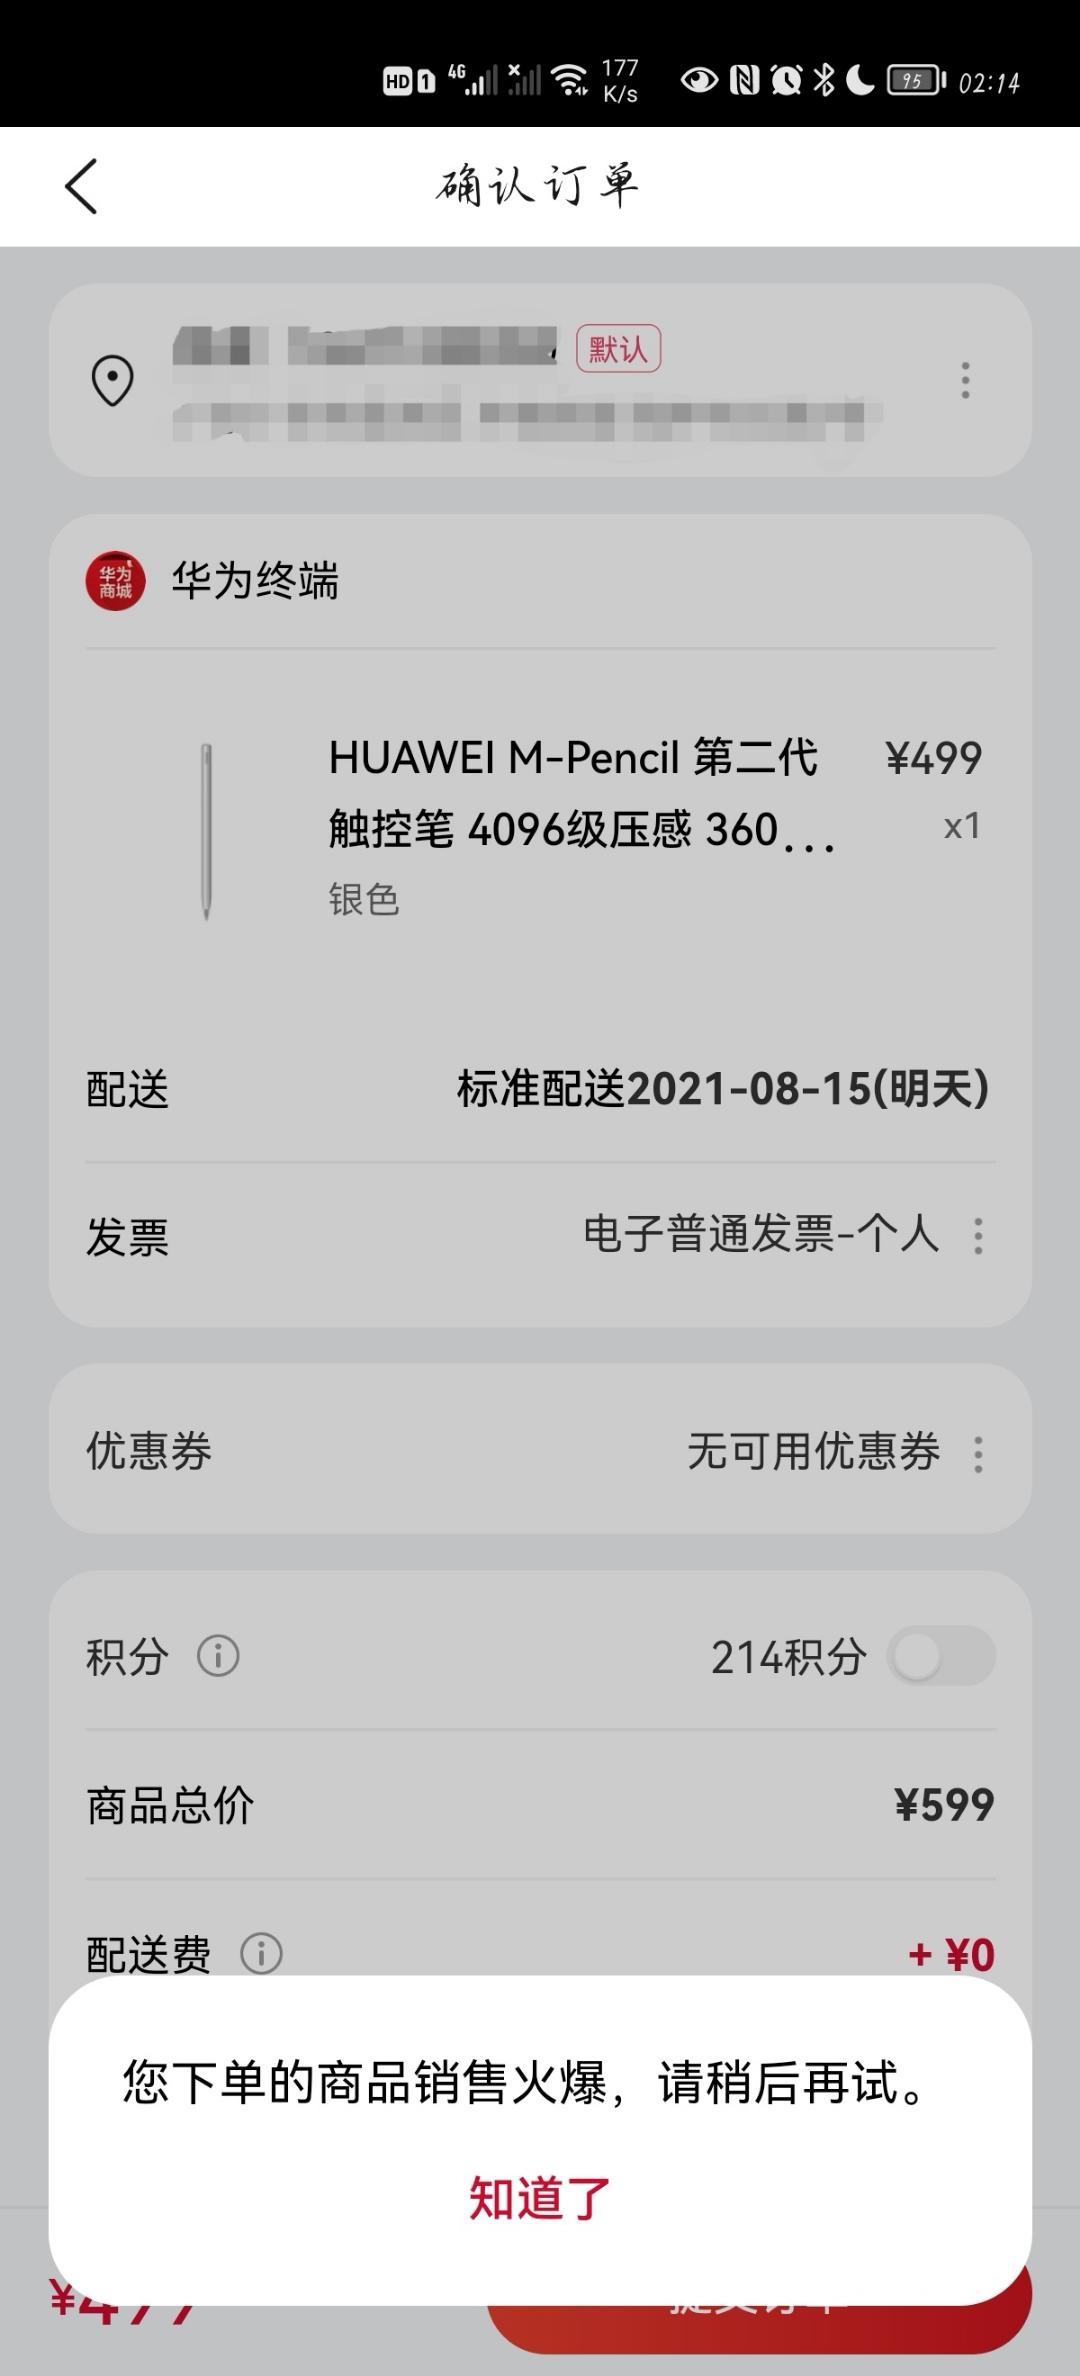 Screenshot_20210814_021435_com.vmall.client_edit_245667178741158.jpg